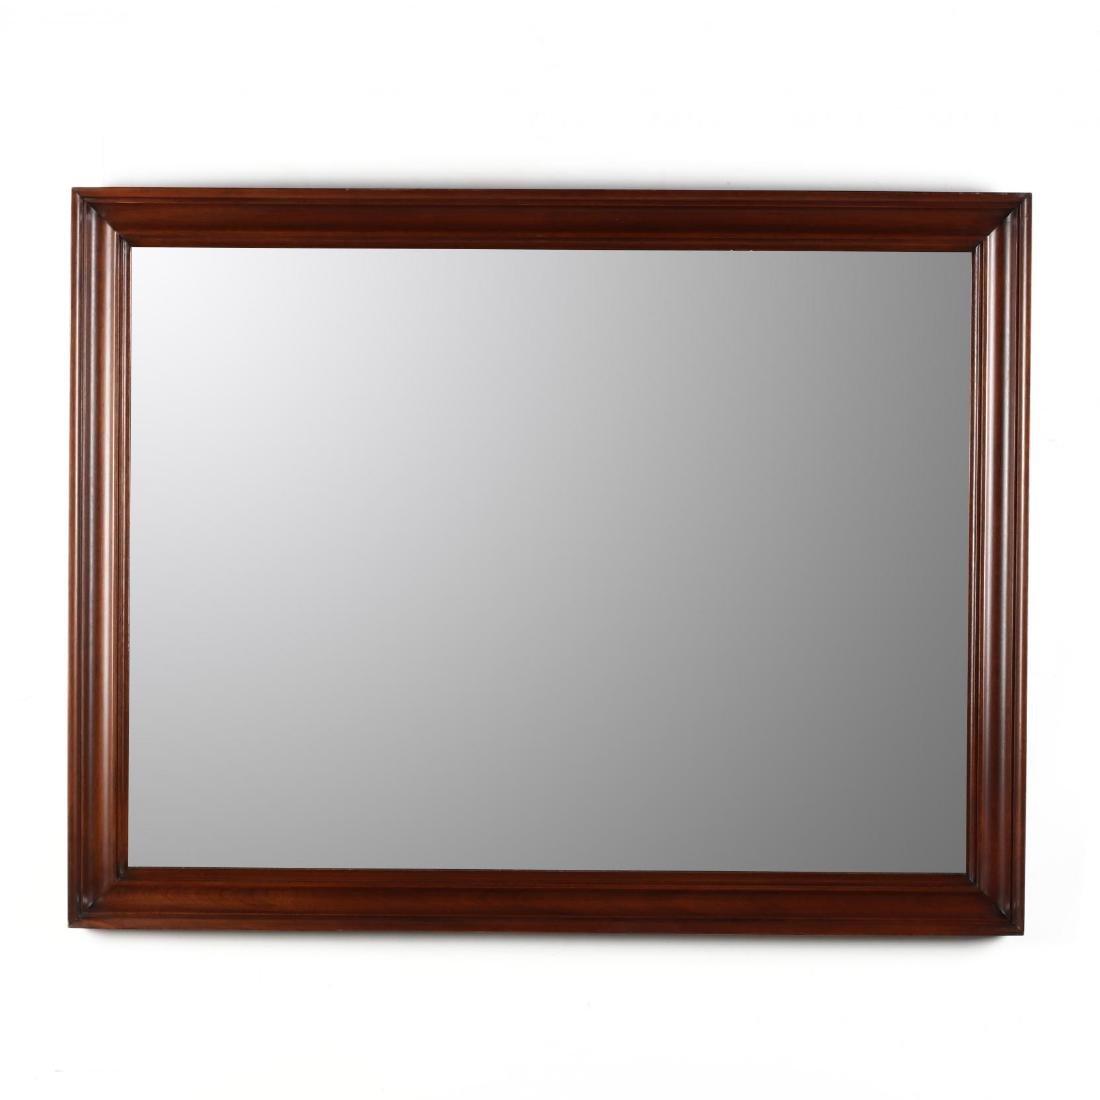 Henkel Harris, Mahogany Mirror